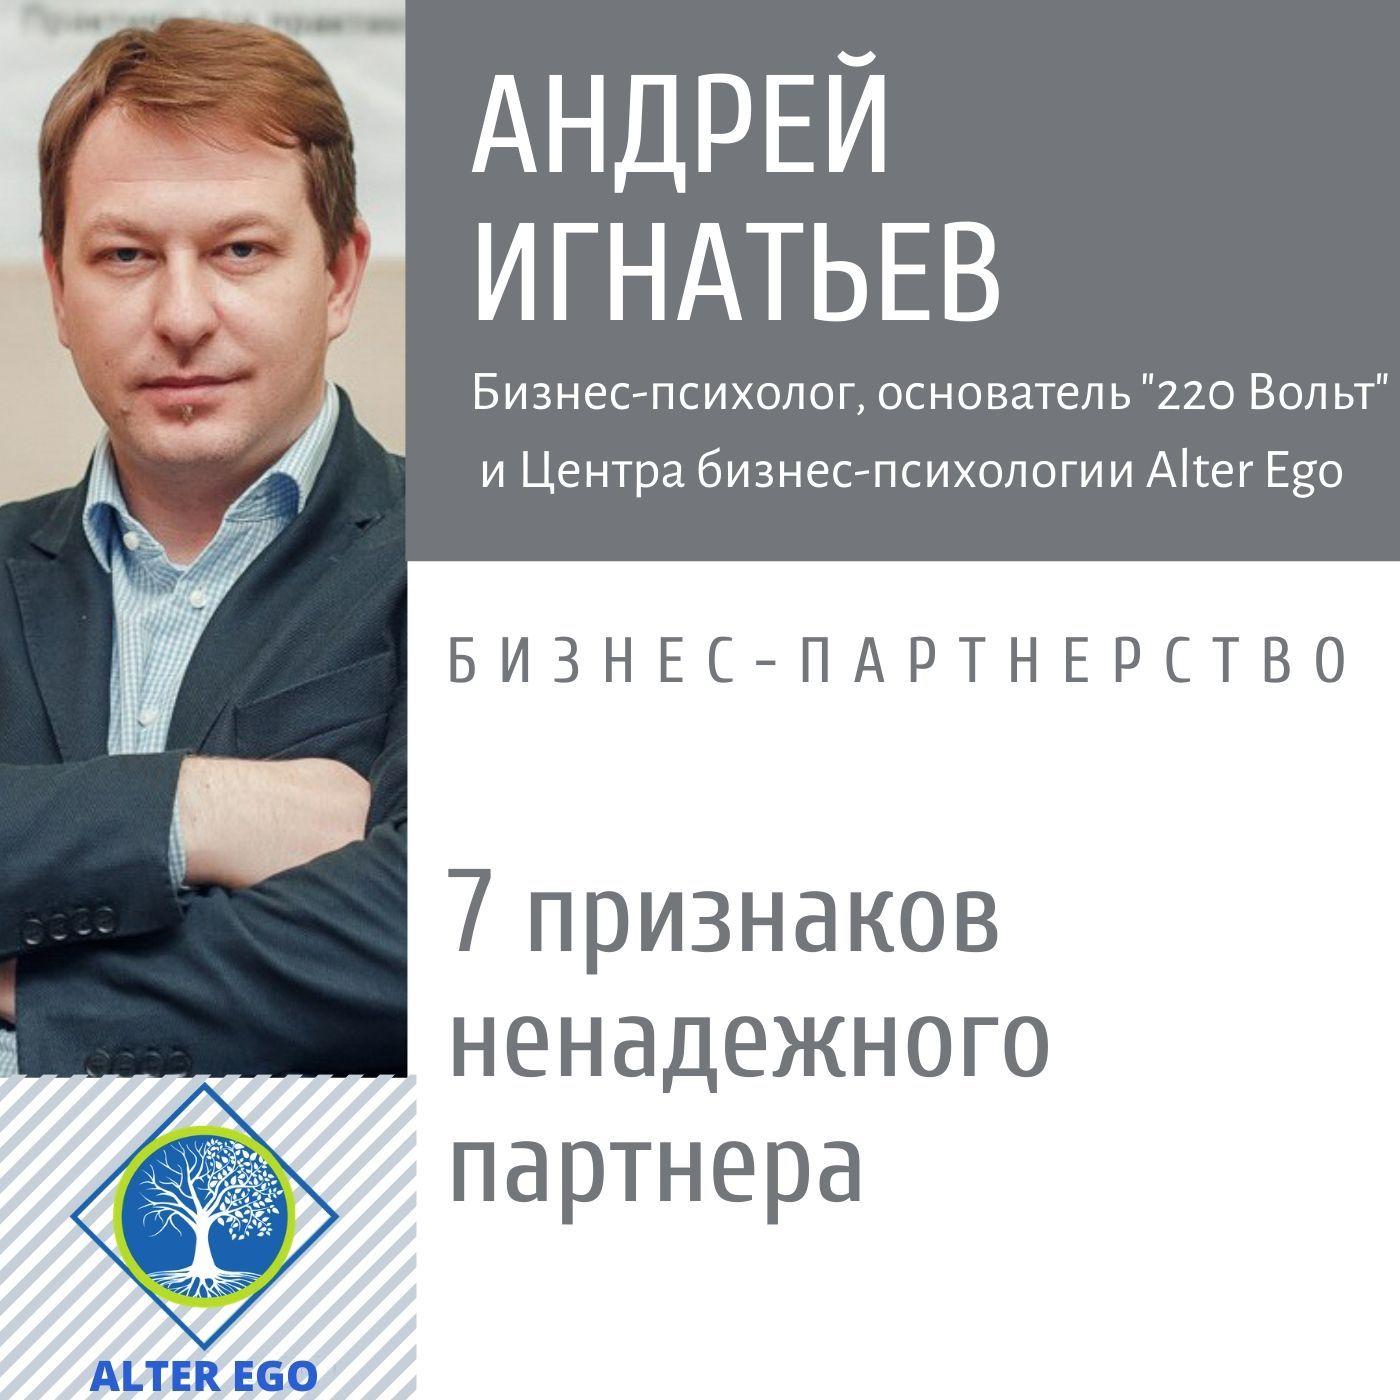 Купить книгу 7 признаков ненадежного делового партнера, автора Андрея Игнатьева